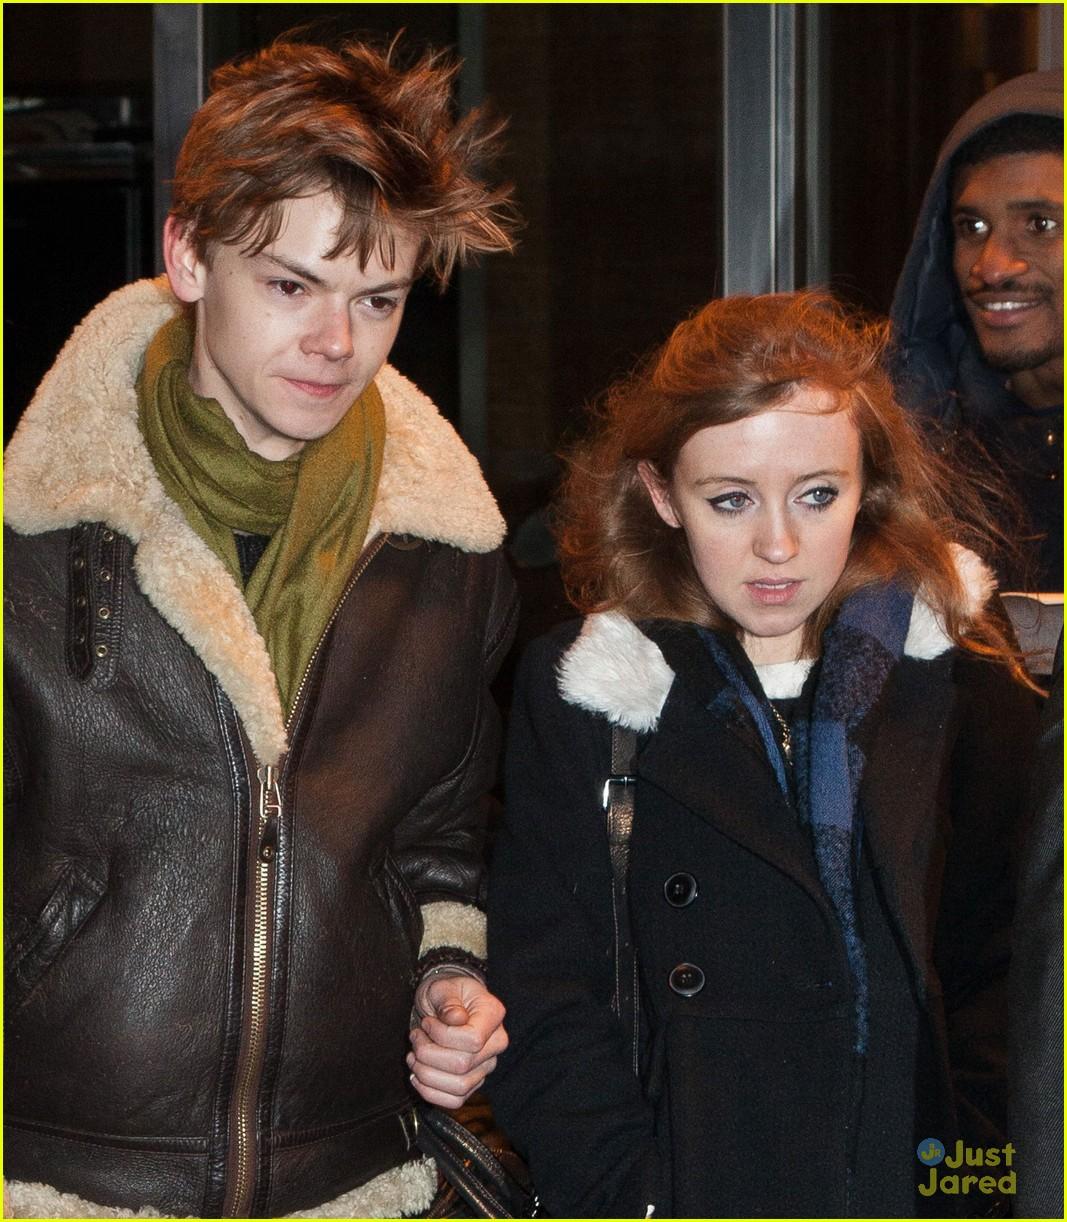 Томас и его девушка фото